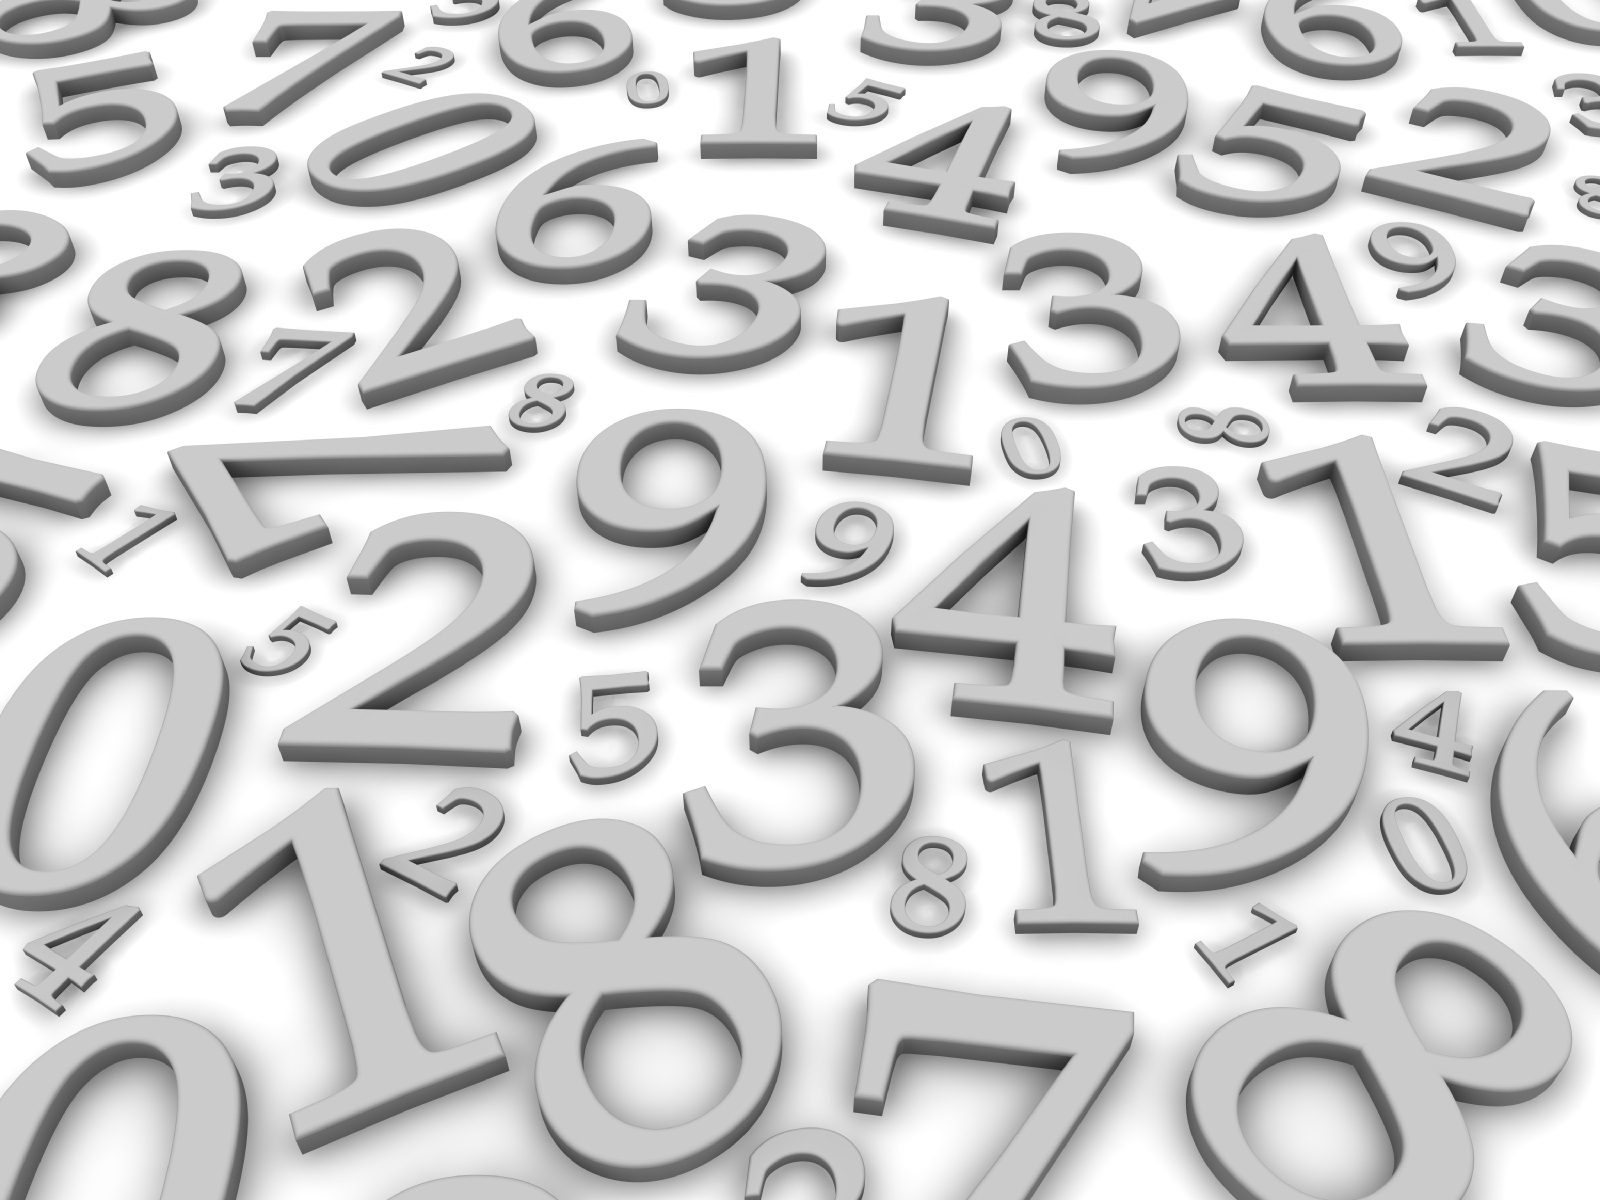 Ufficio Stampa | Scrivere un comunicato: come inserire i dati numerici